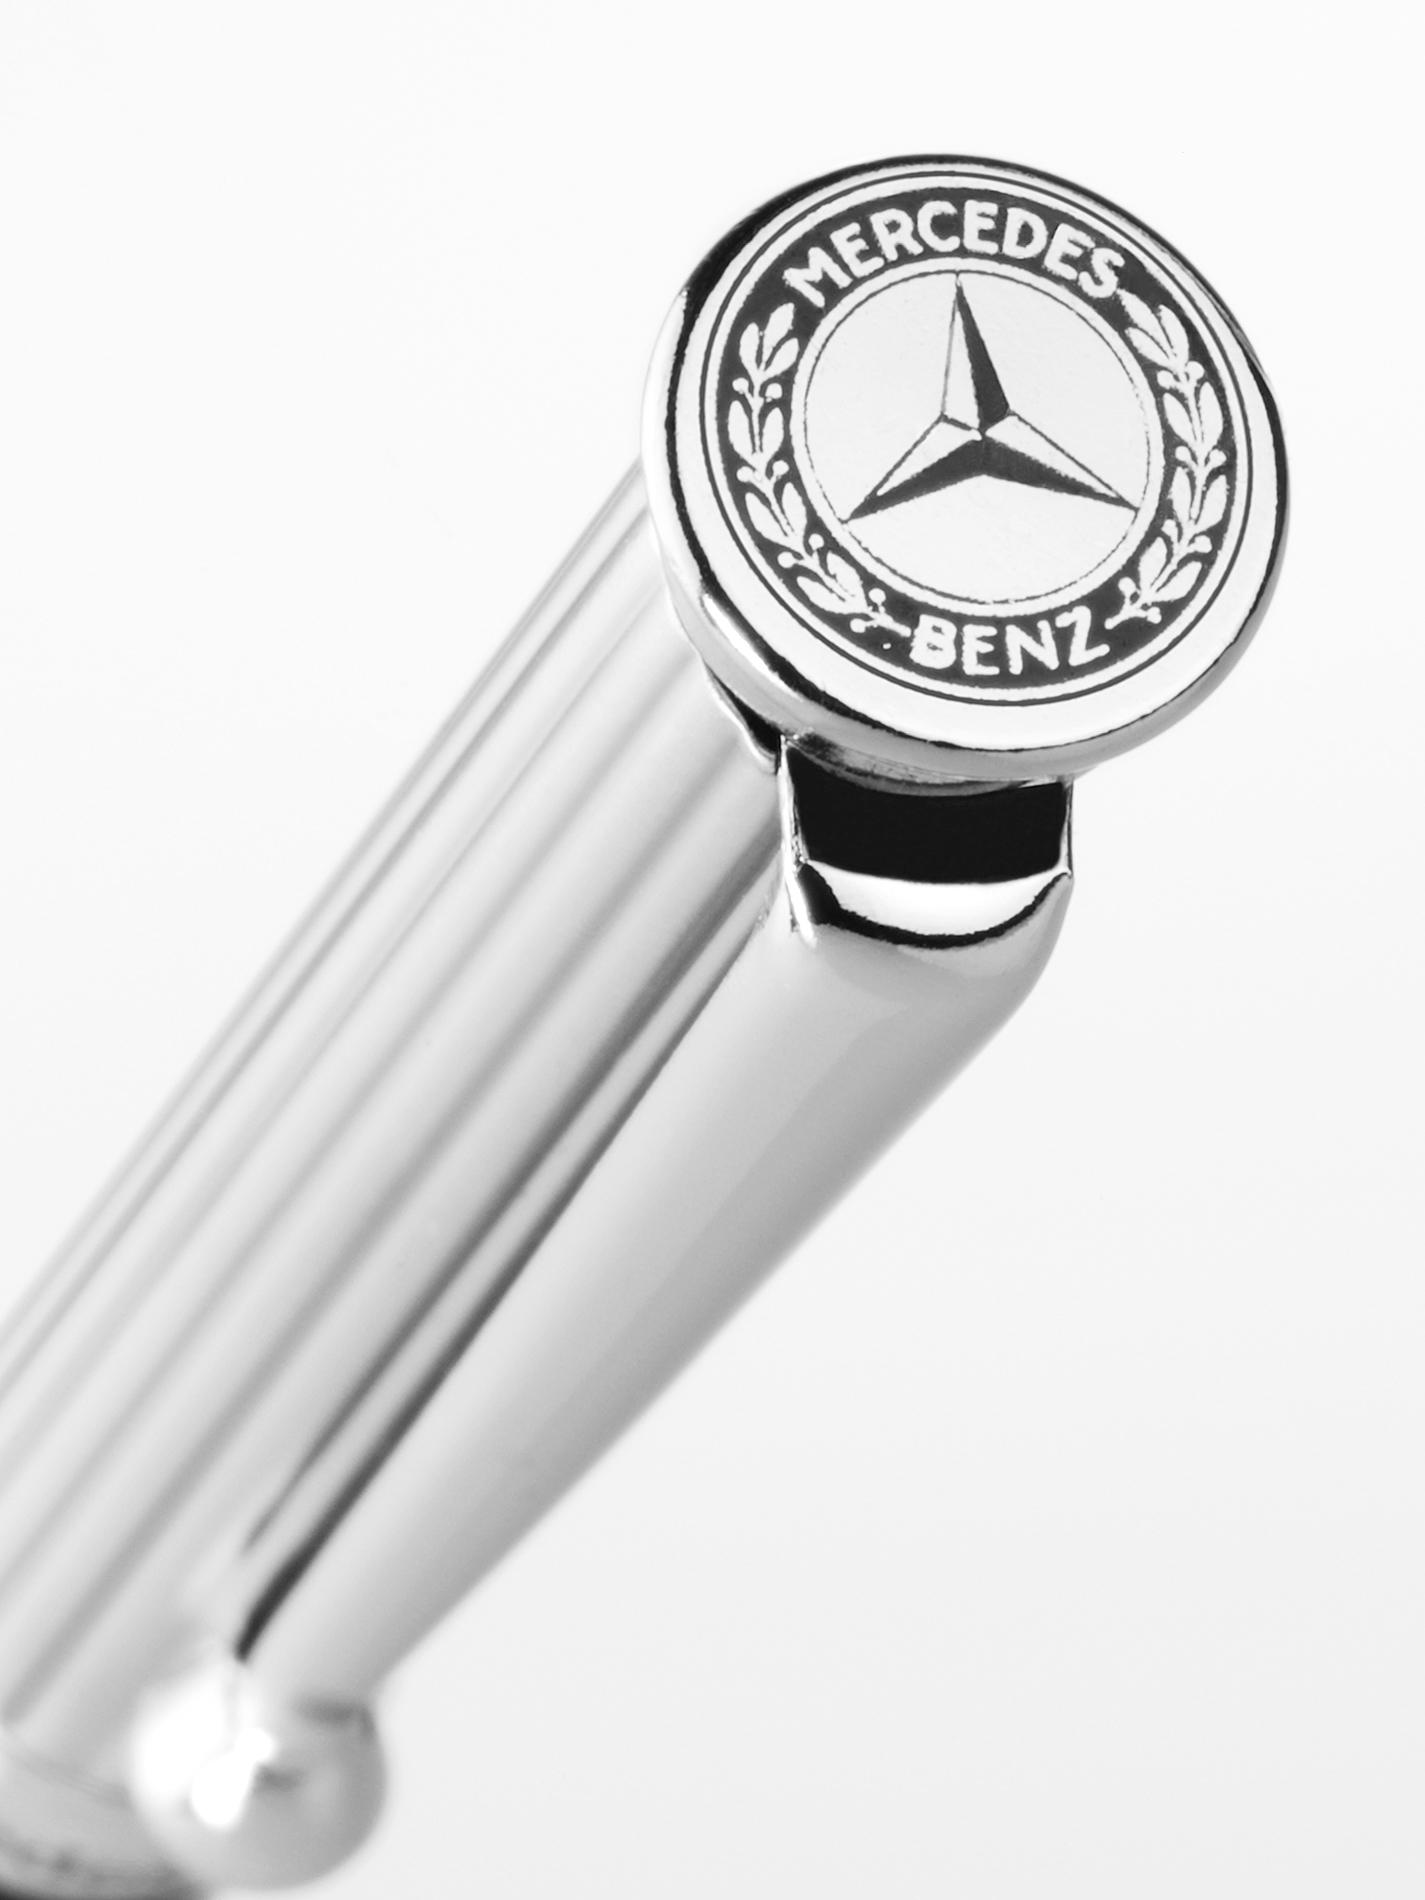 凡於Mercedes-Benz展區消費滿新台幣1,500元即限量贈送「Mercedes-Benz原廠經典星芒」乙支原子筆 (價值410元)